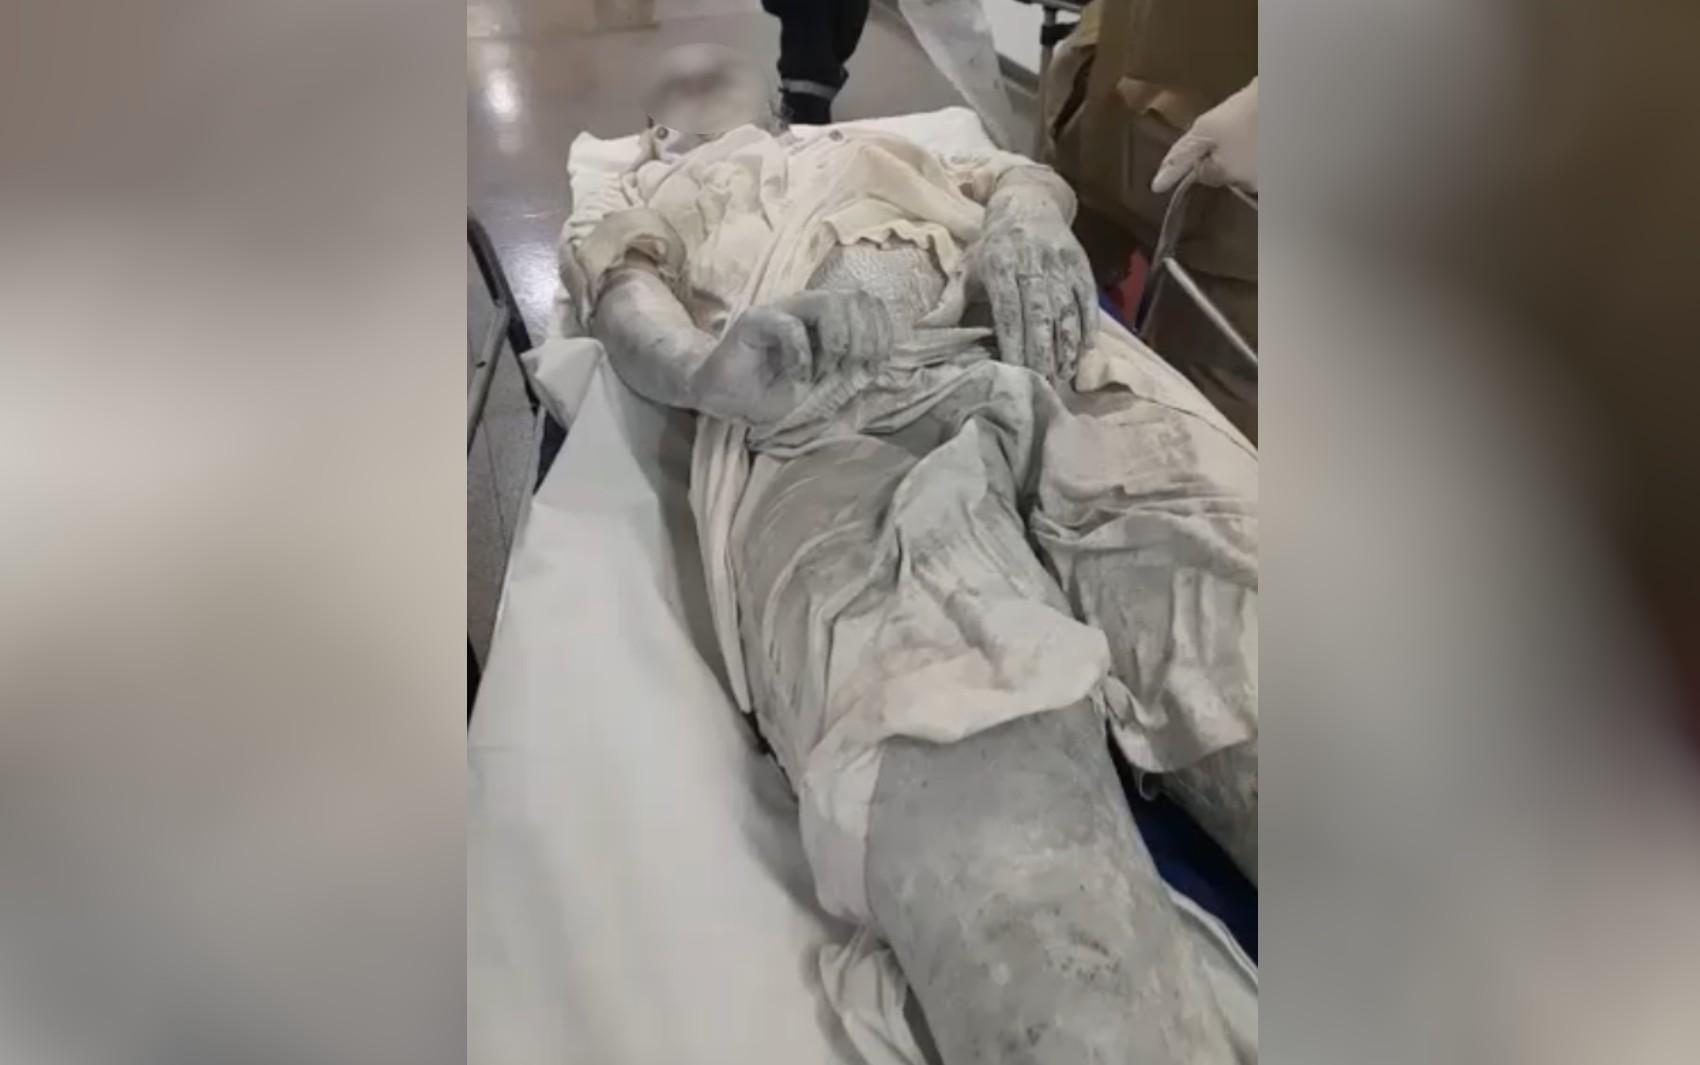 Mulher afirma à polícia que companheiro jogou tinta em seu corpo durante discussão em festa com amigos, em Goiânia